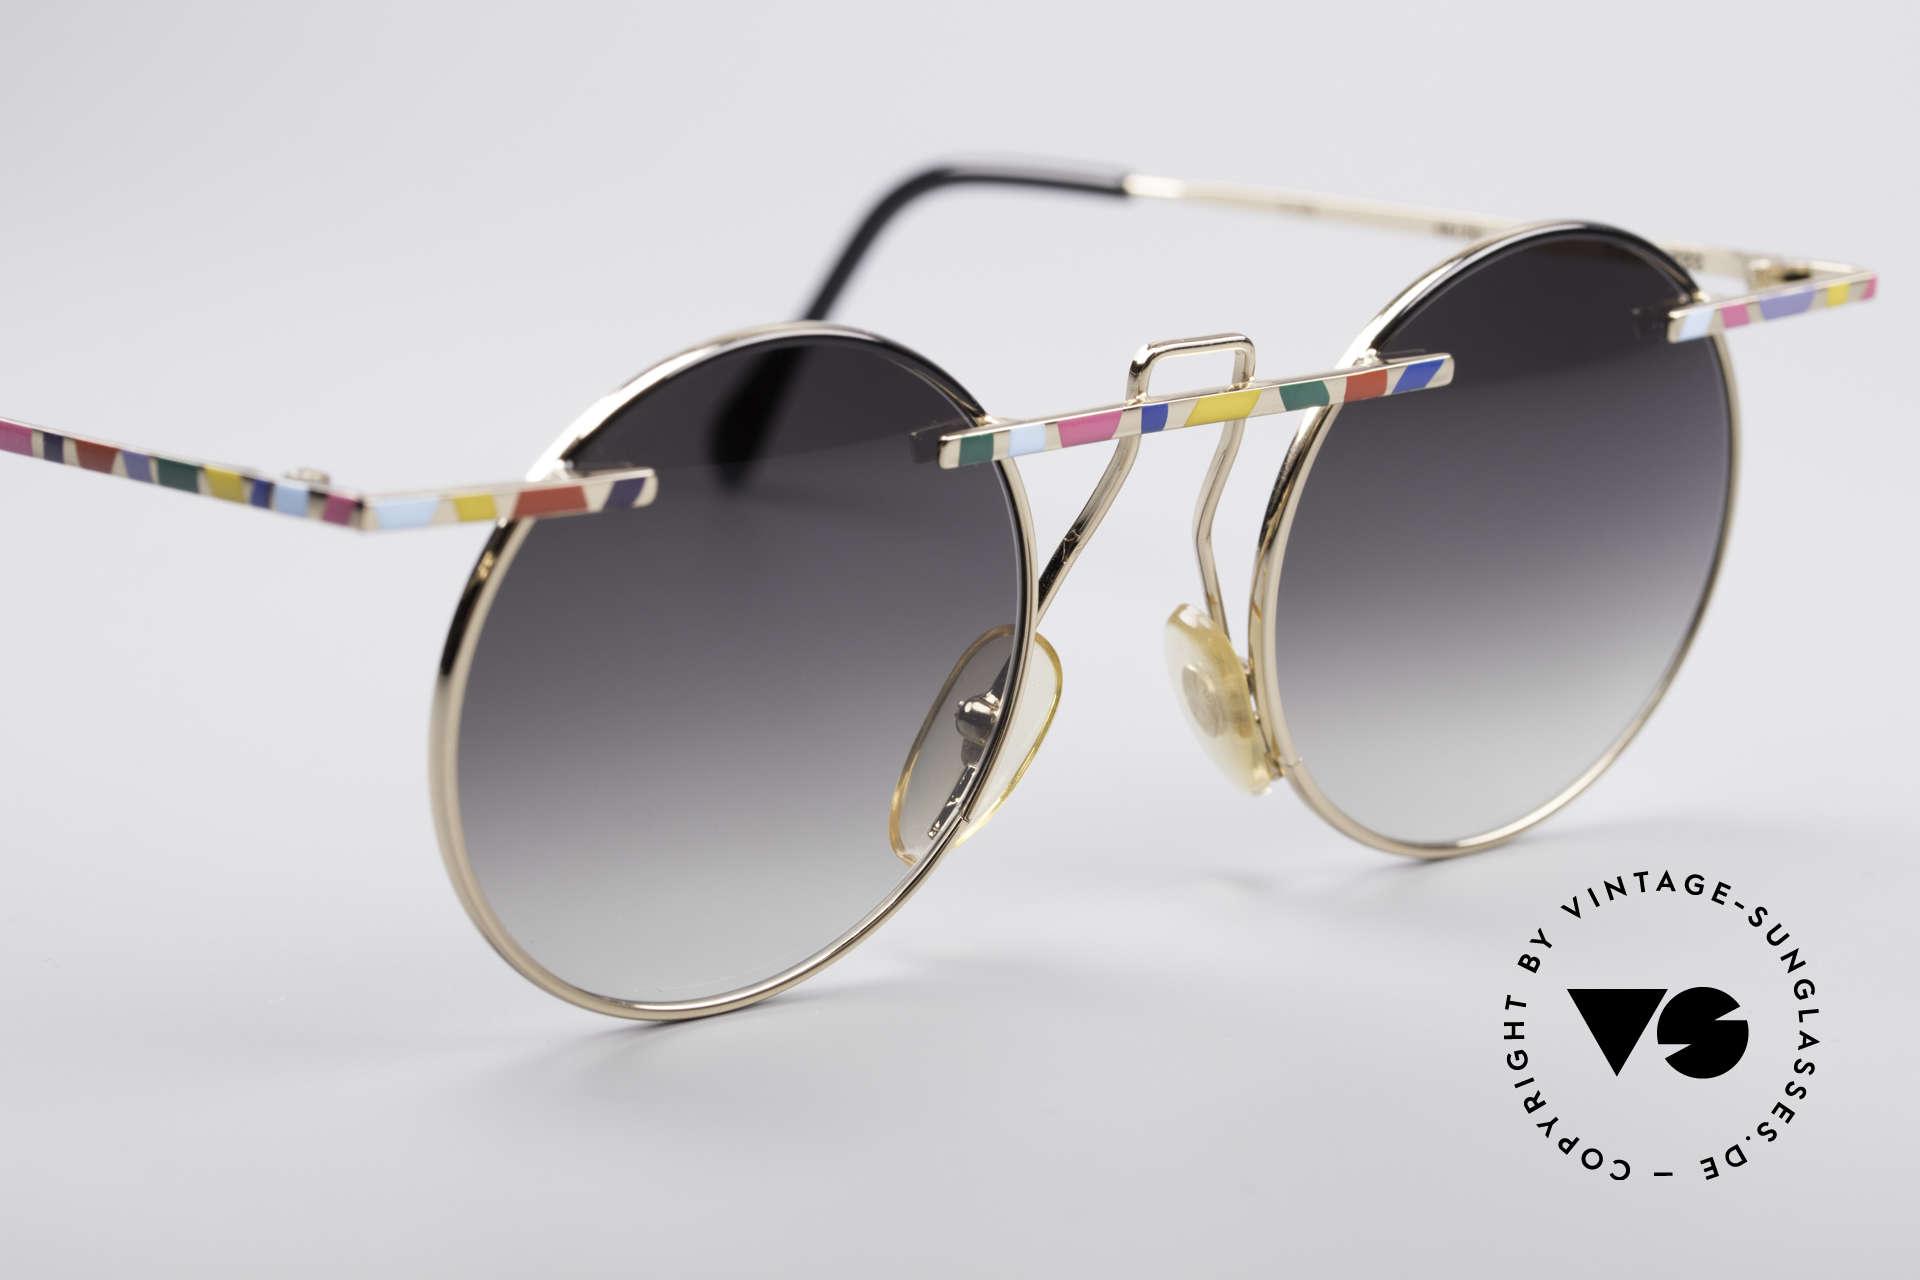 Taxi 222 by Casanova 80er Kunstbrille, Sonnengläser (grau-Verlauf) können ggf. ersetzt werden, Passend für Damen